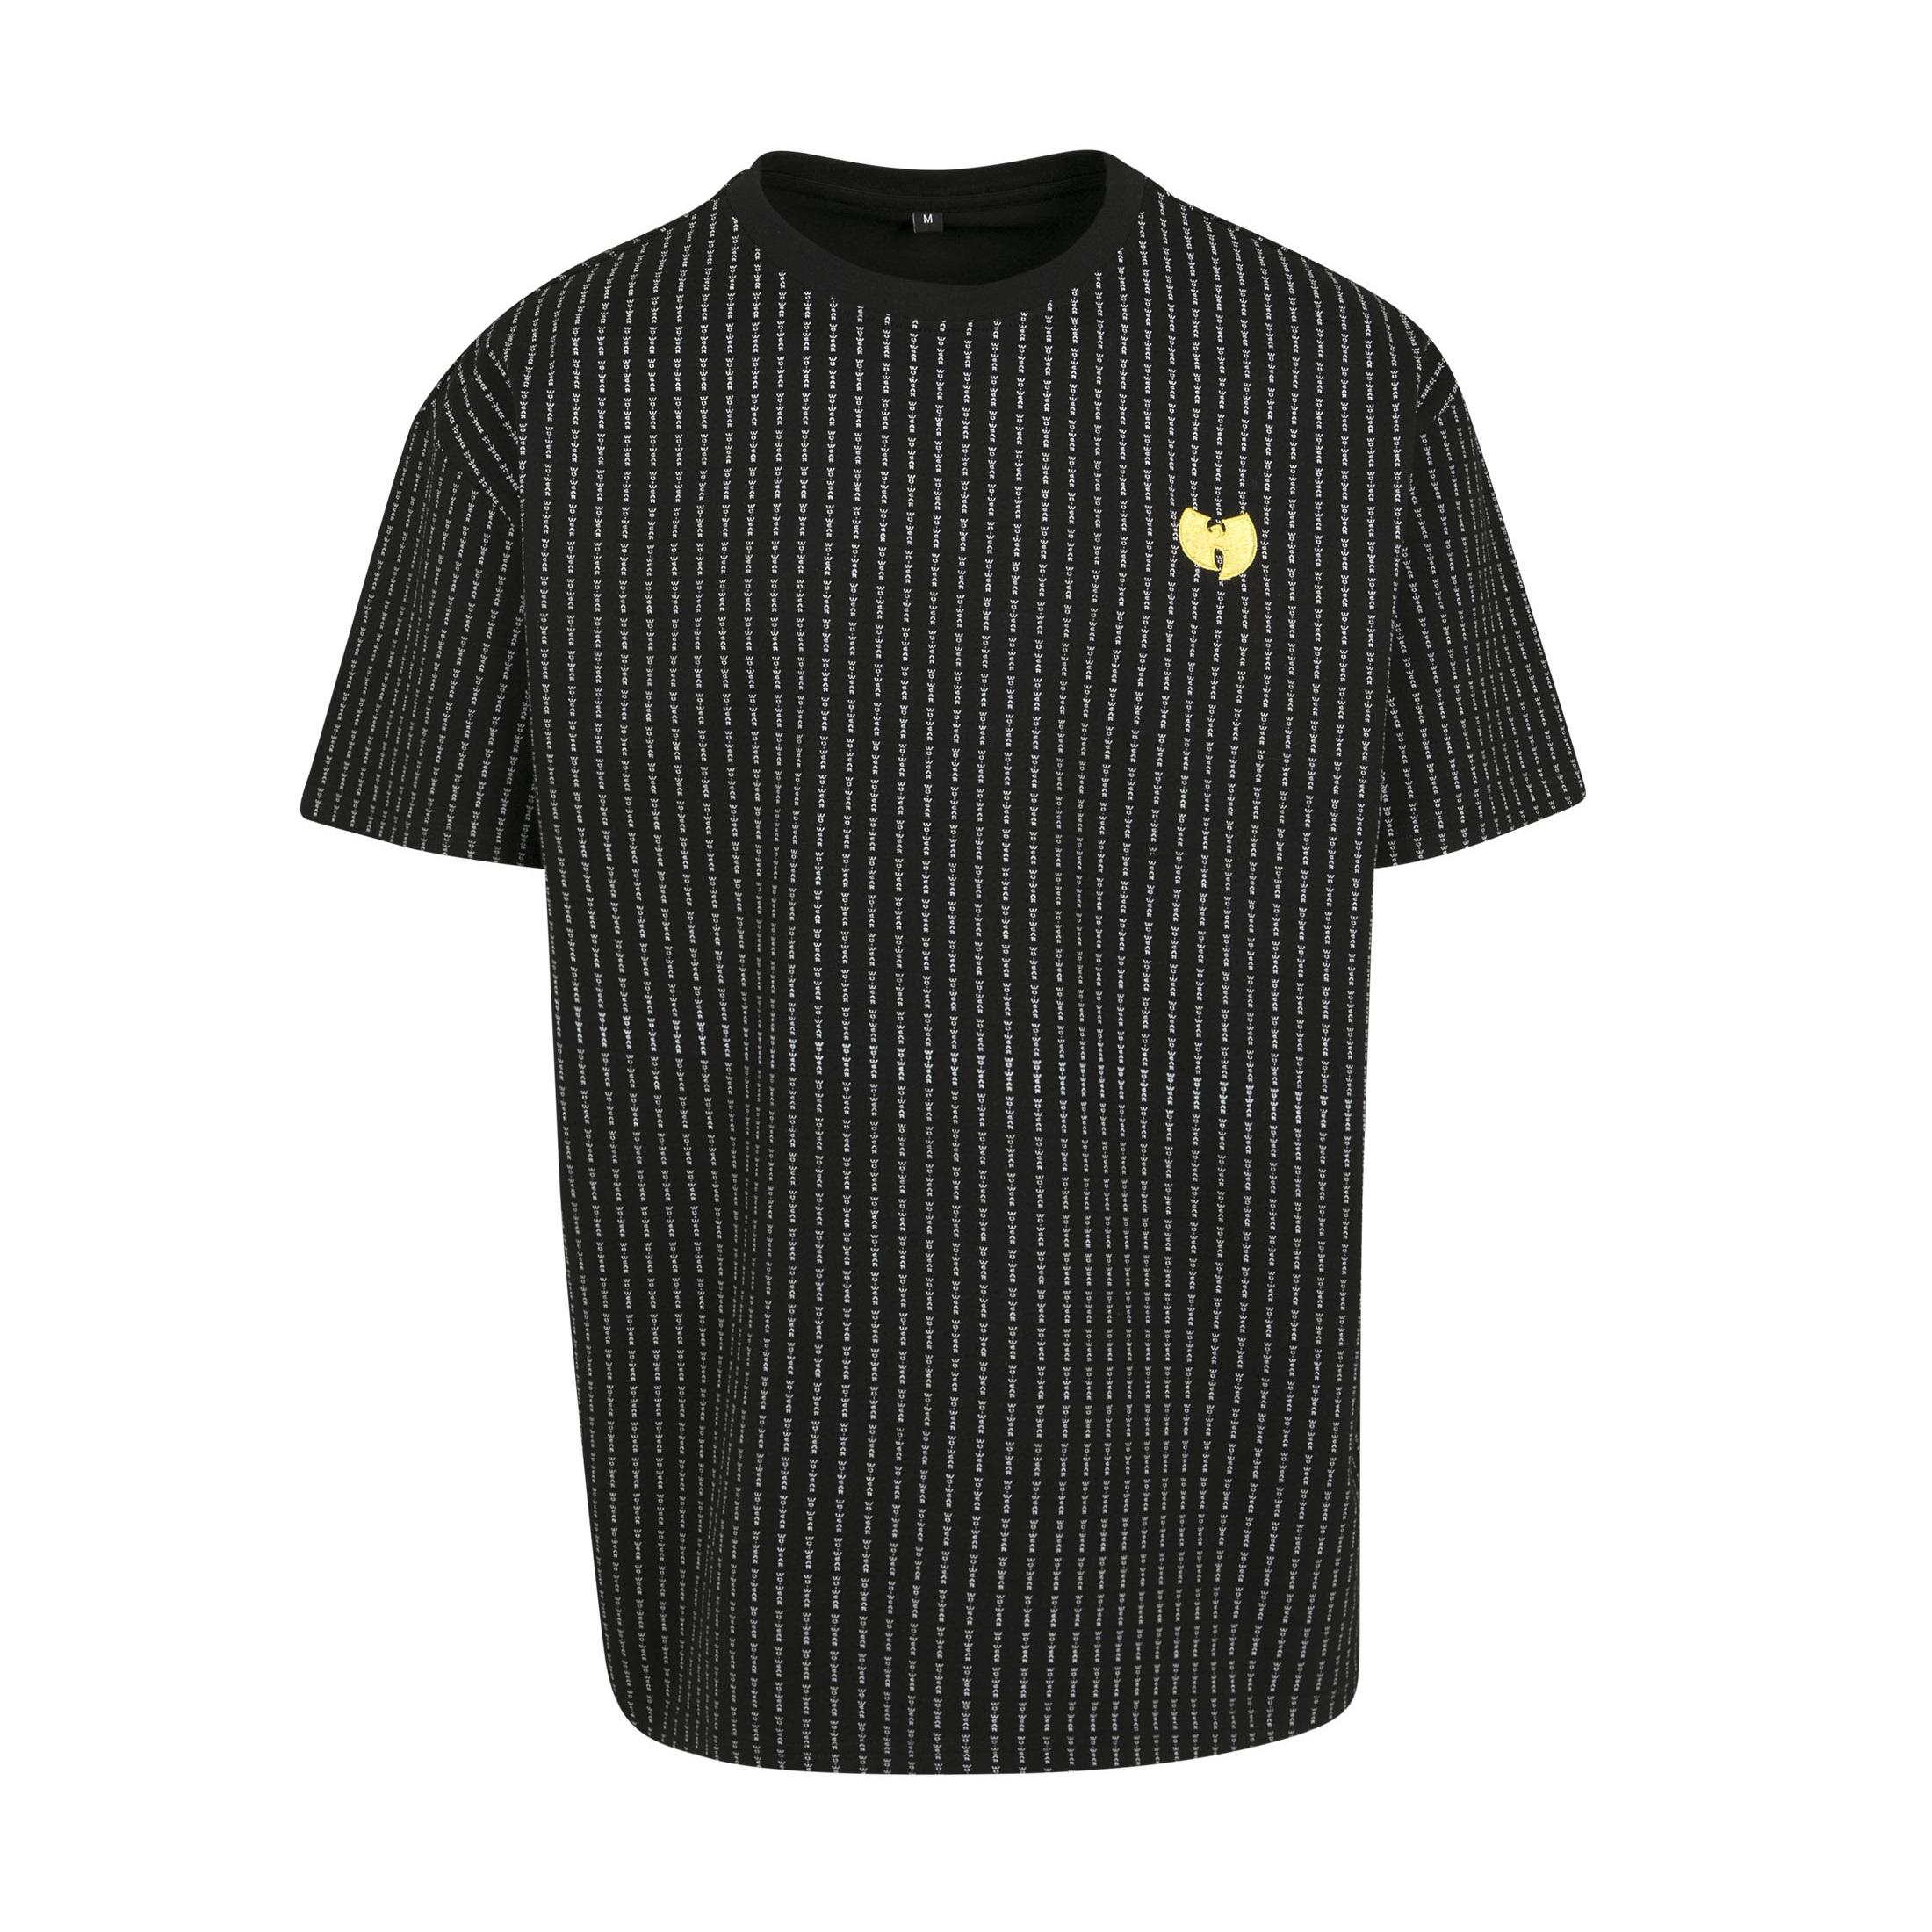 Wu-Tang Clan - Tričko Pin Stripe Tee - Muž, Čierna, S